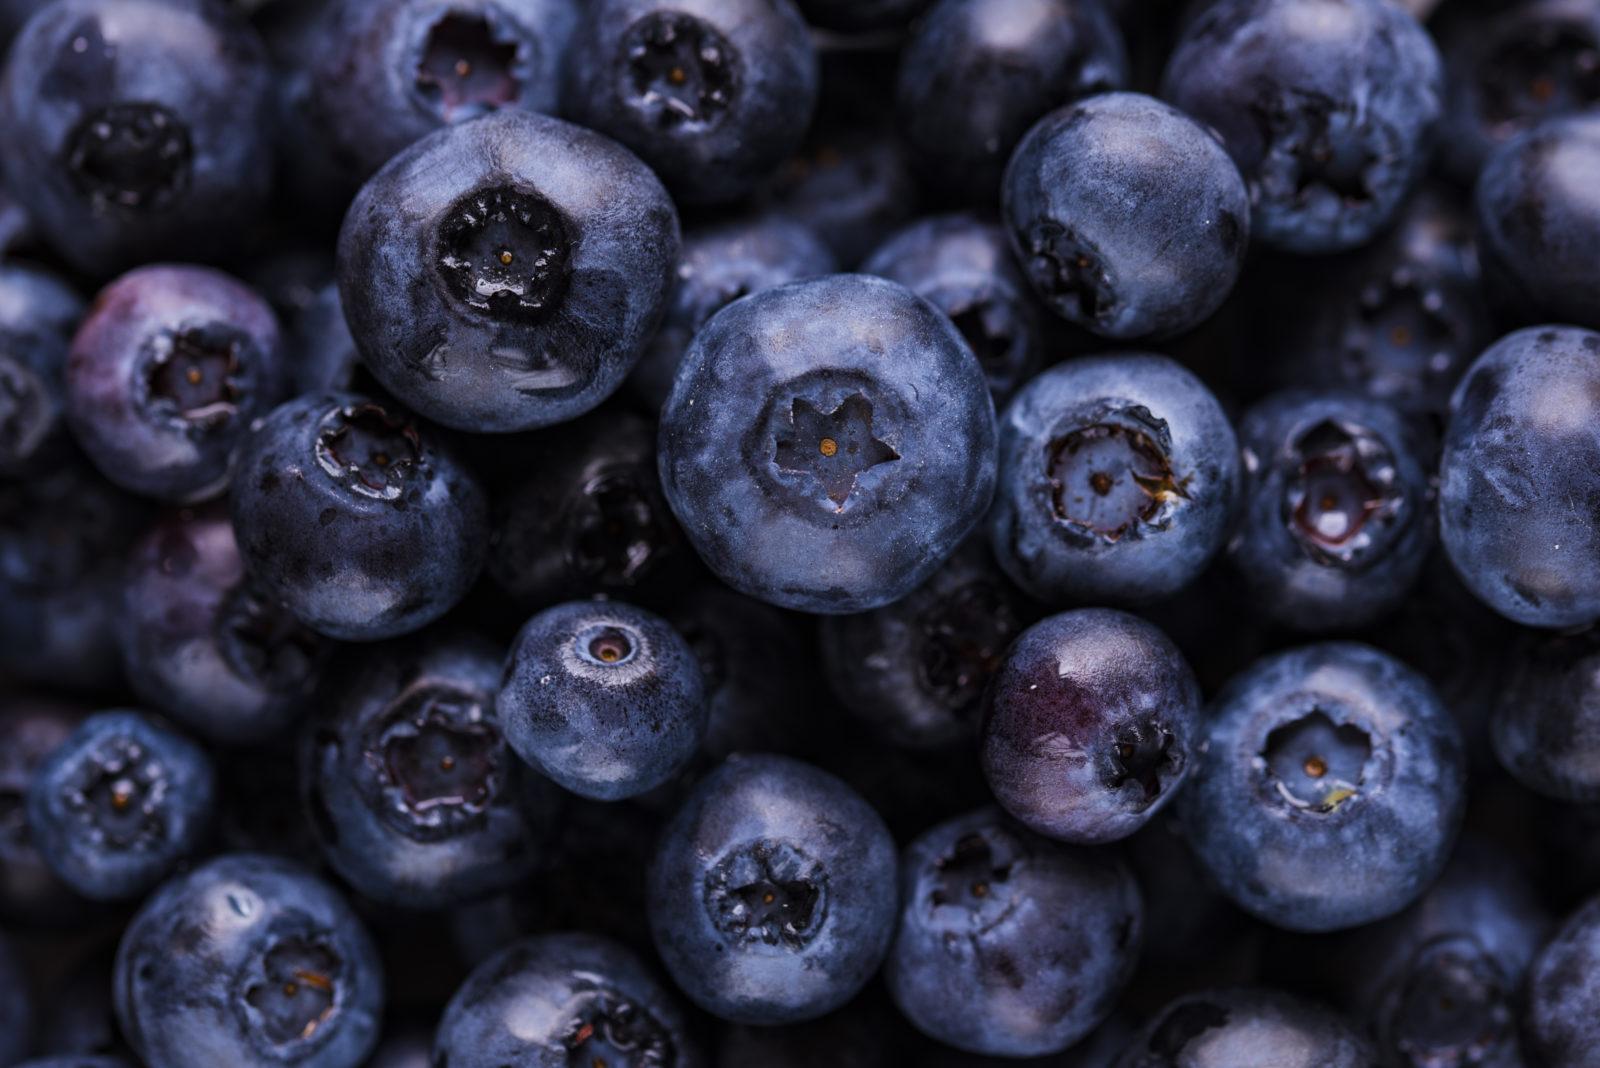 Μετά το γυμναστήριο: Τι να φας για να αδυνατίσεις και να αποκτήσεις ενέργεια